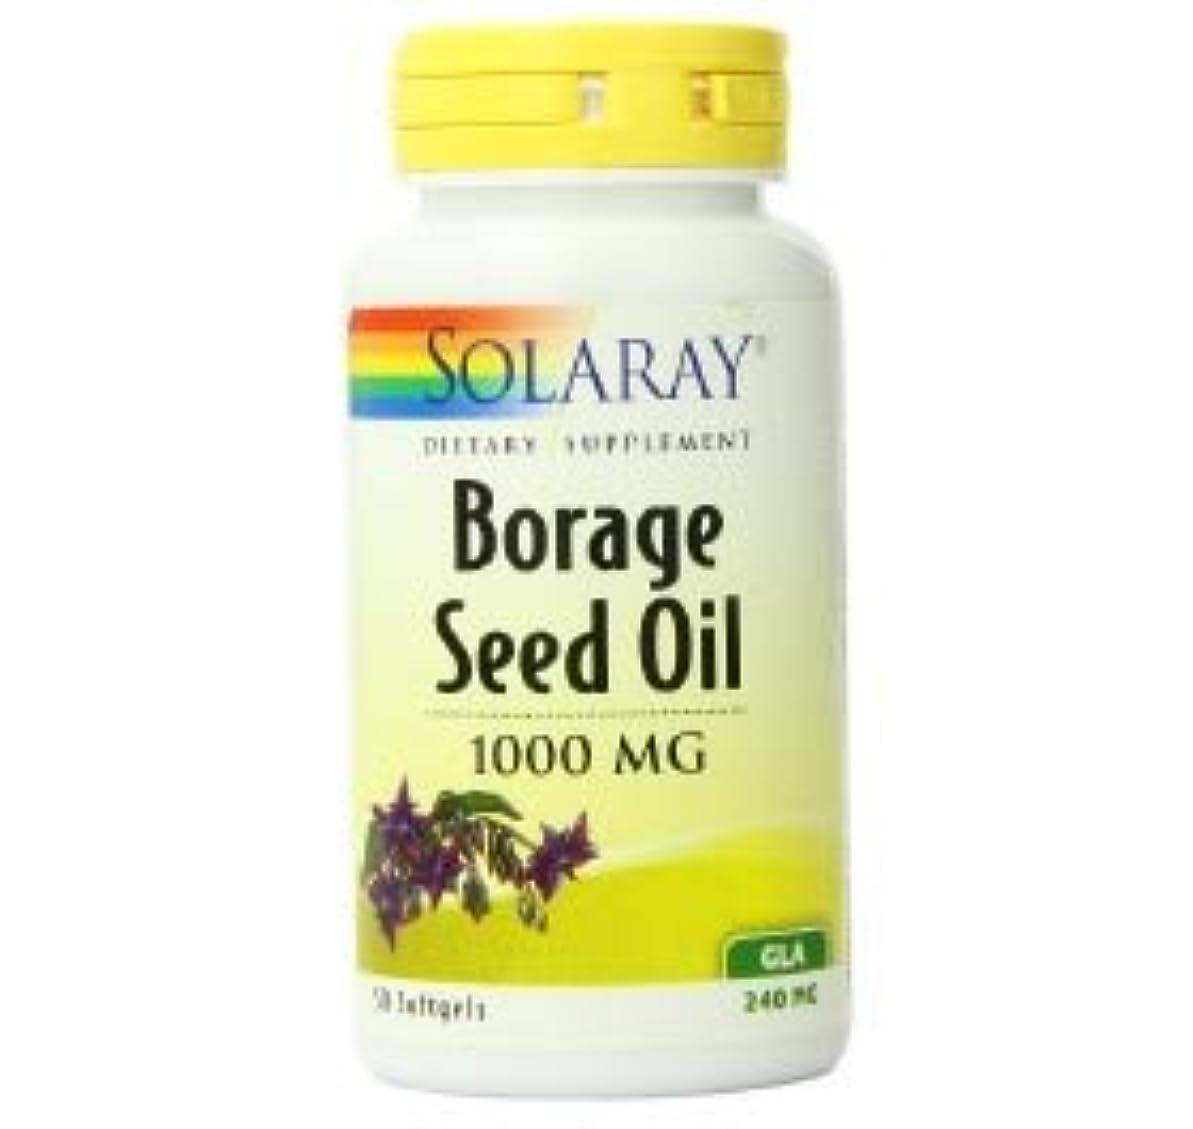 禁じるロケットカカドゥ【海外直送品】SOLARAY - Borage seed oil - 50softgel ボラージシードオイル